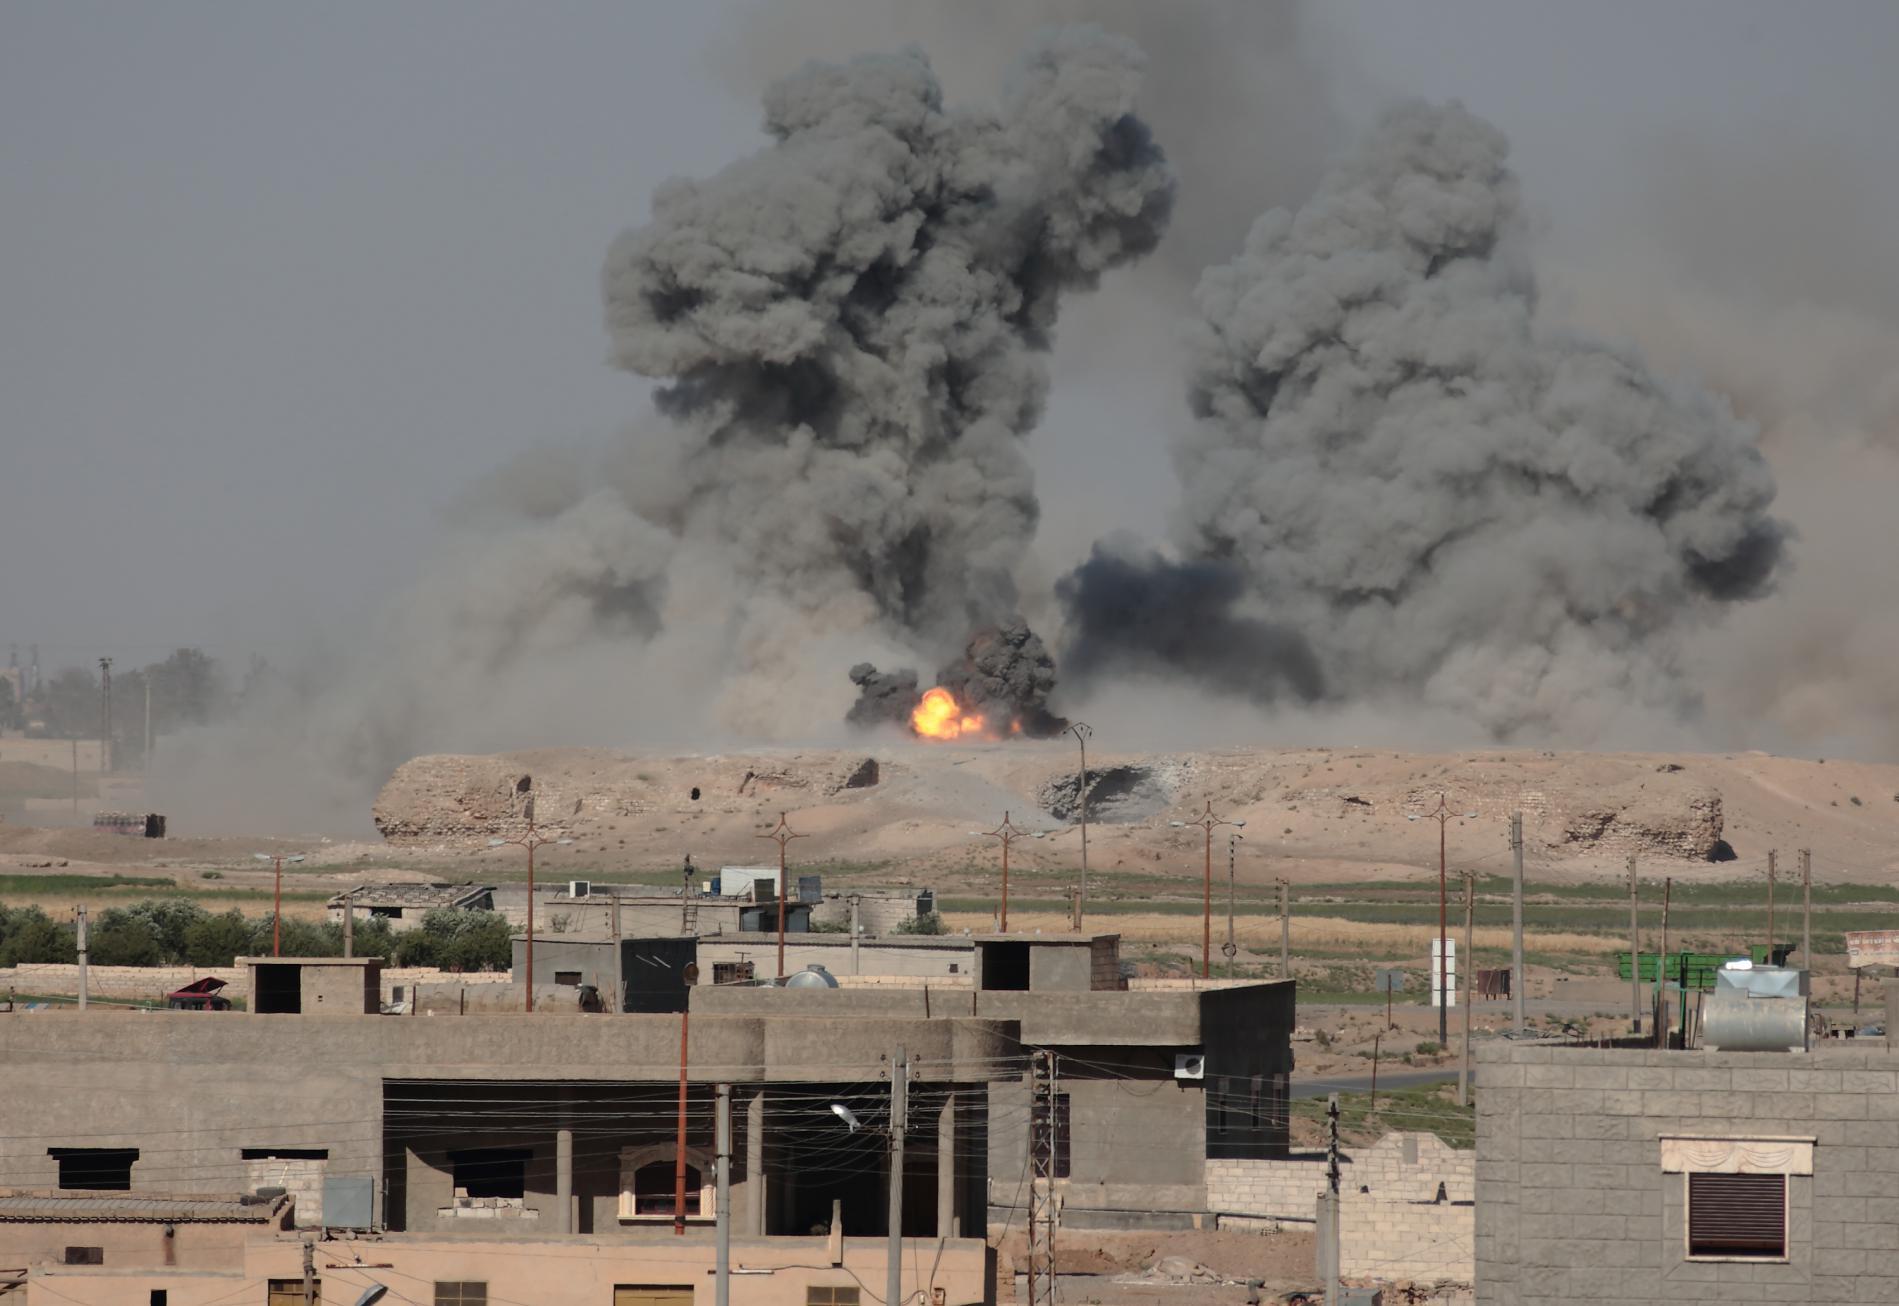 Les faubourgs de Raqqa (Syrie) bombarbés, le 6 juin 2017.